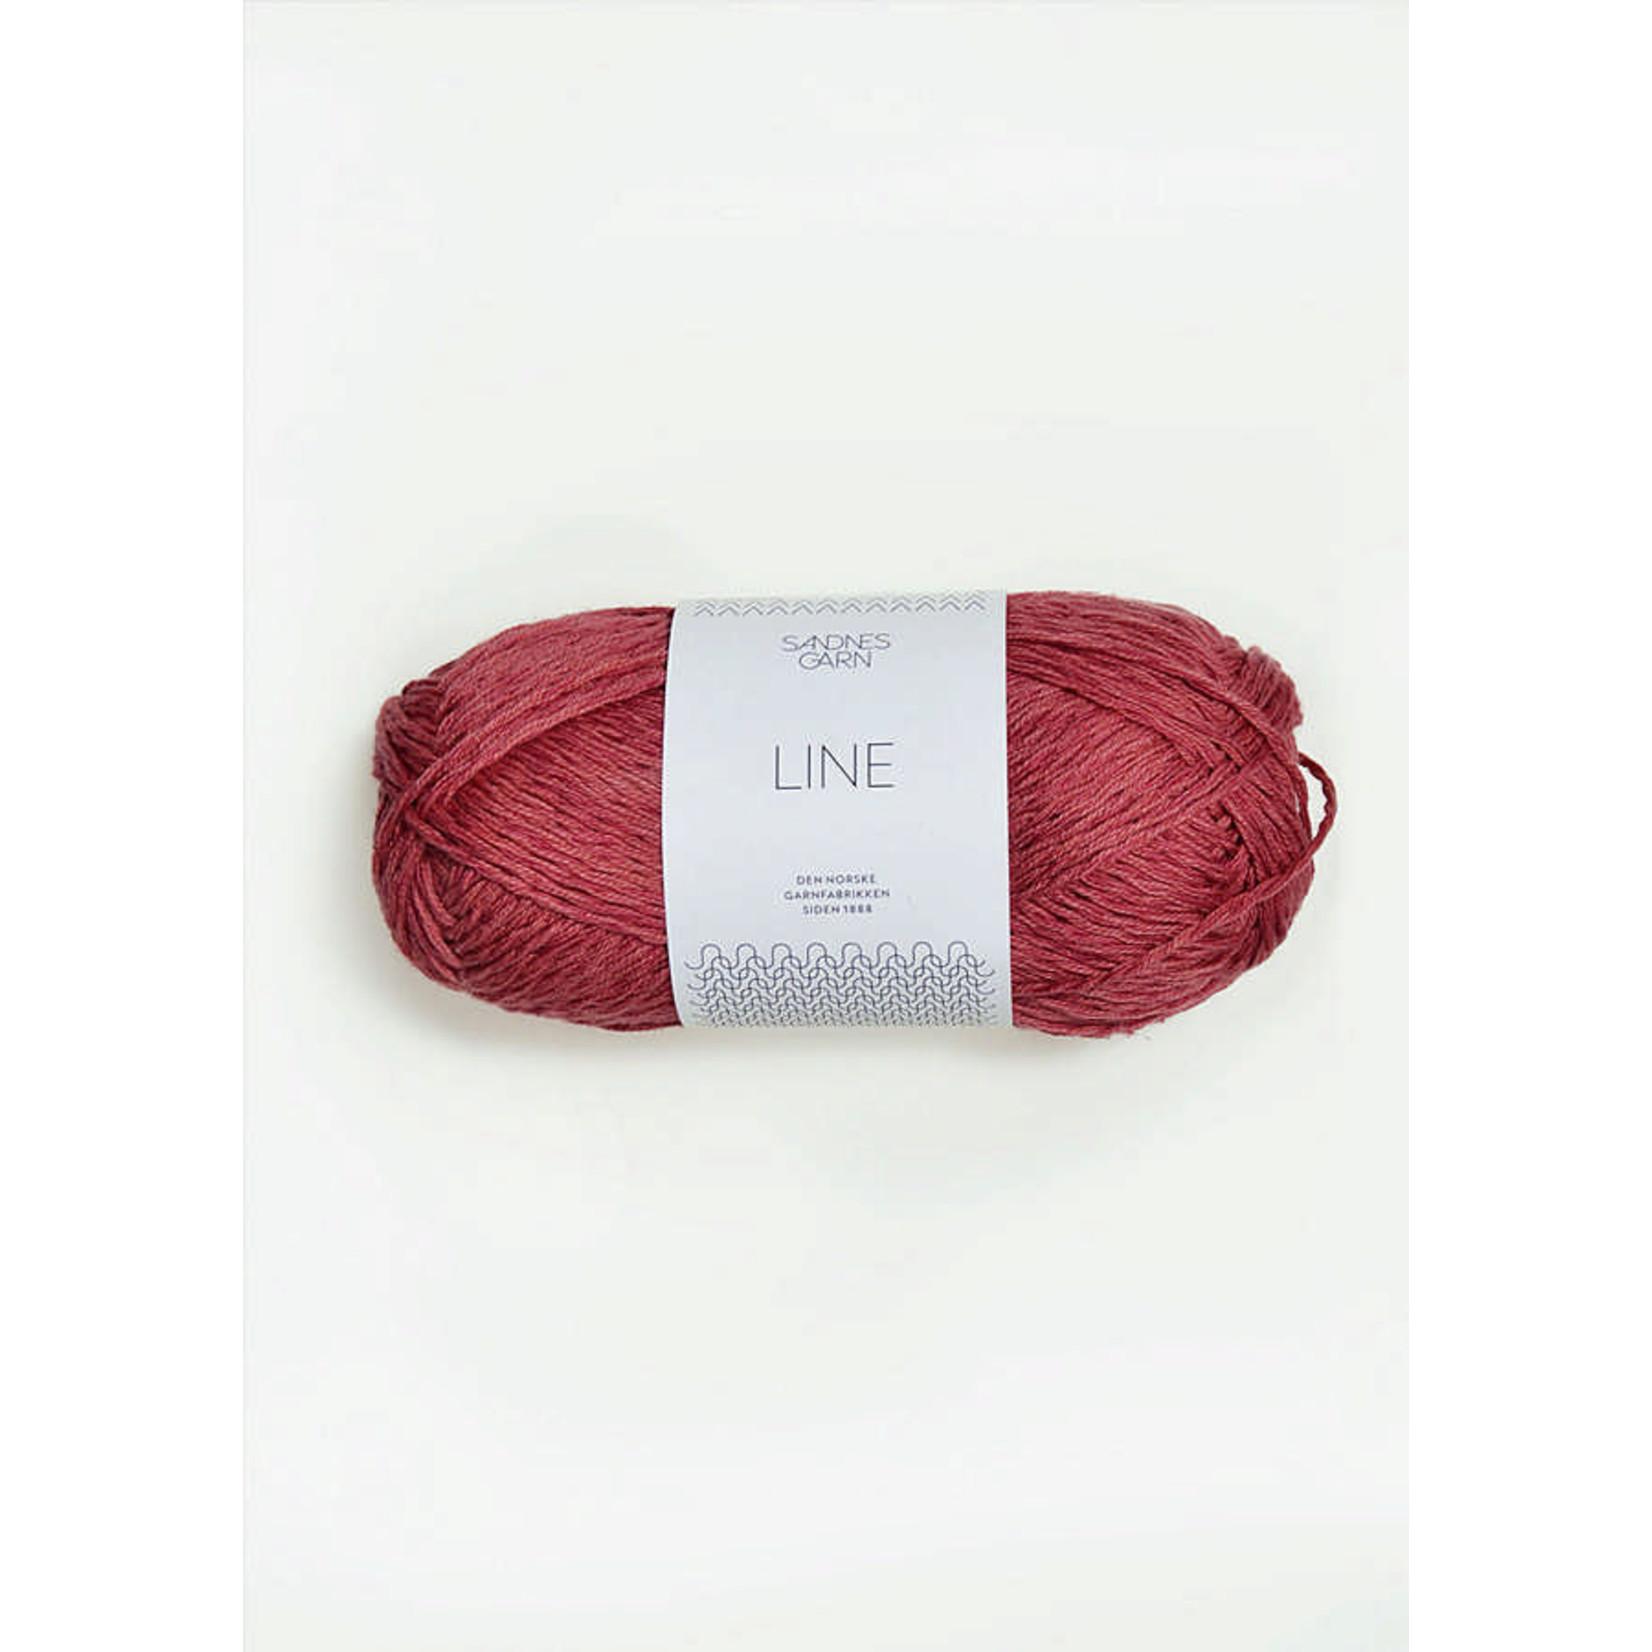 Sandnes Garn Line, 4335, Raspberry Cream